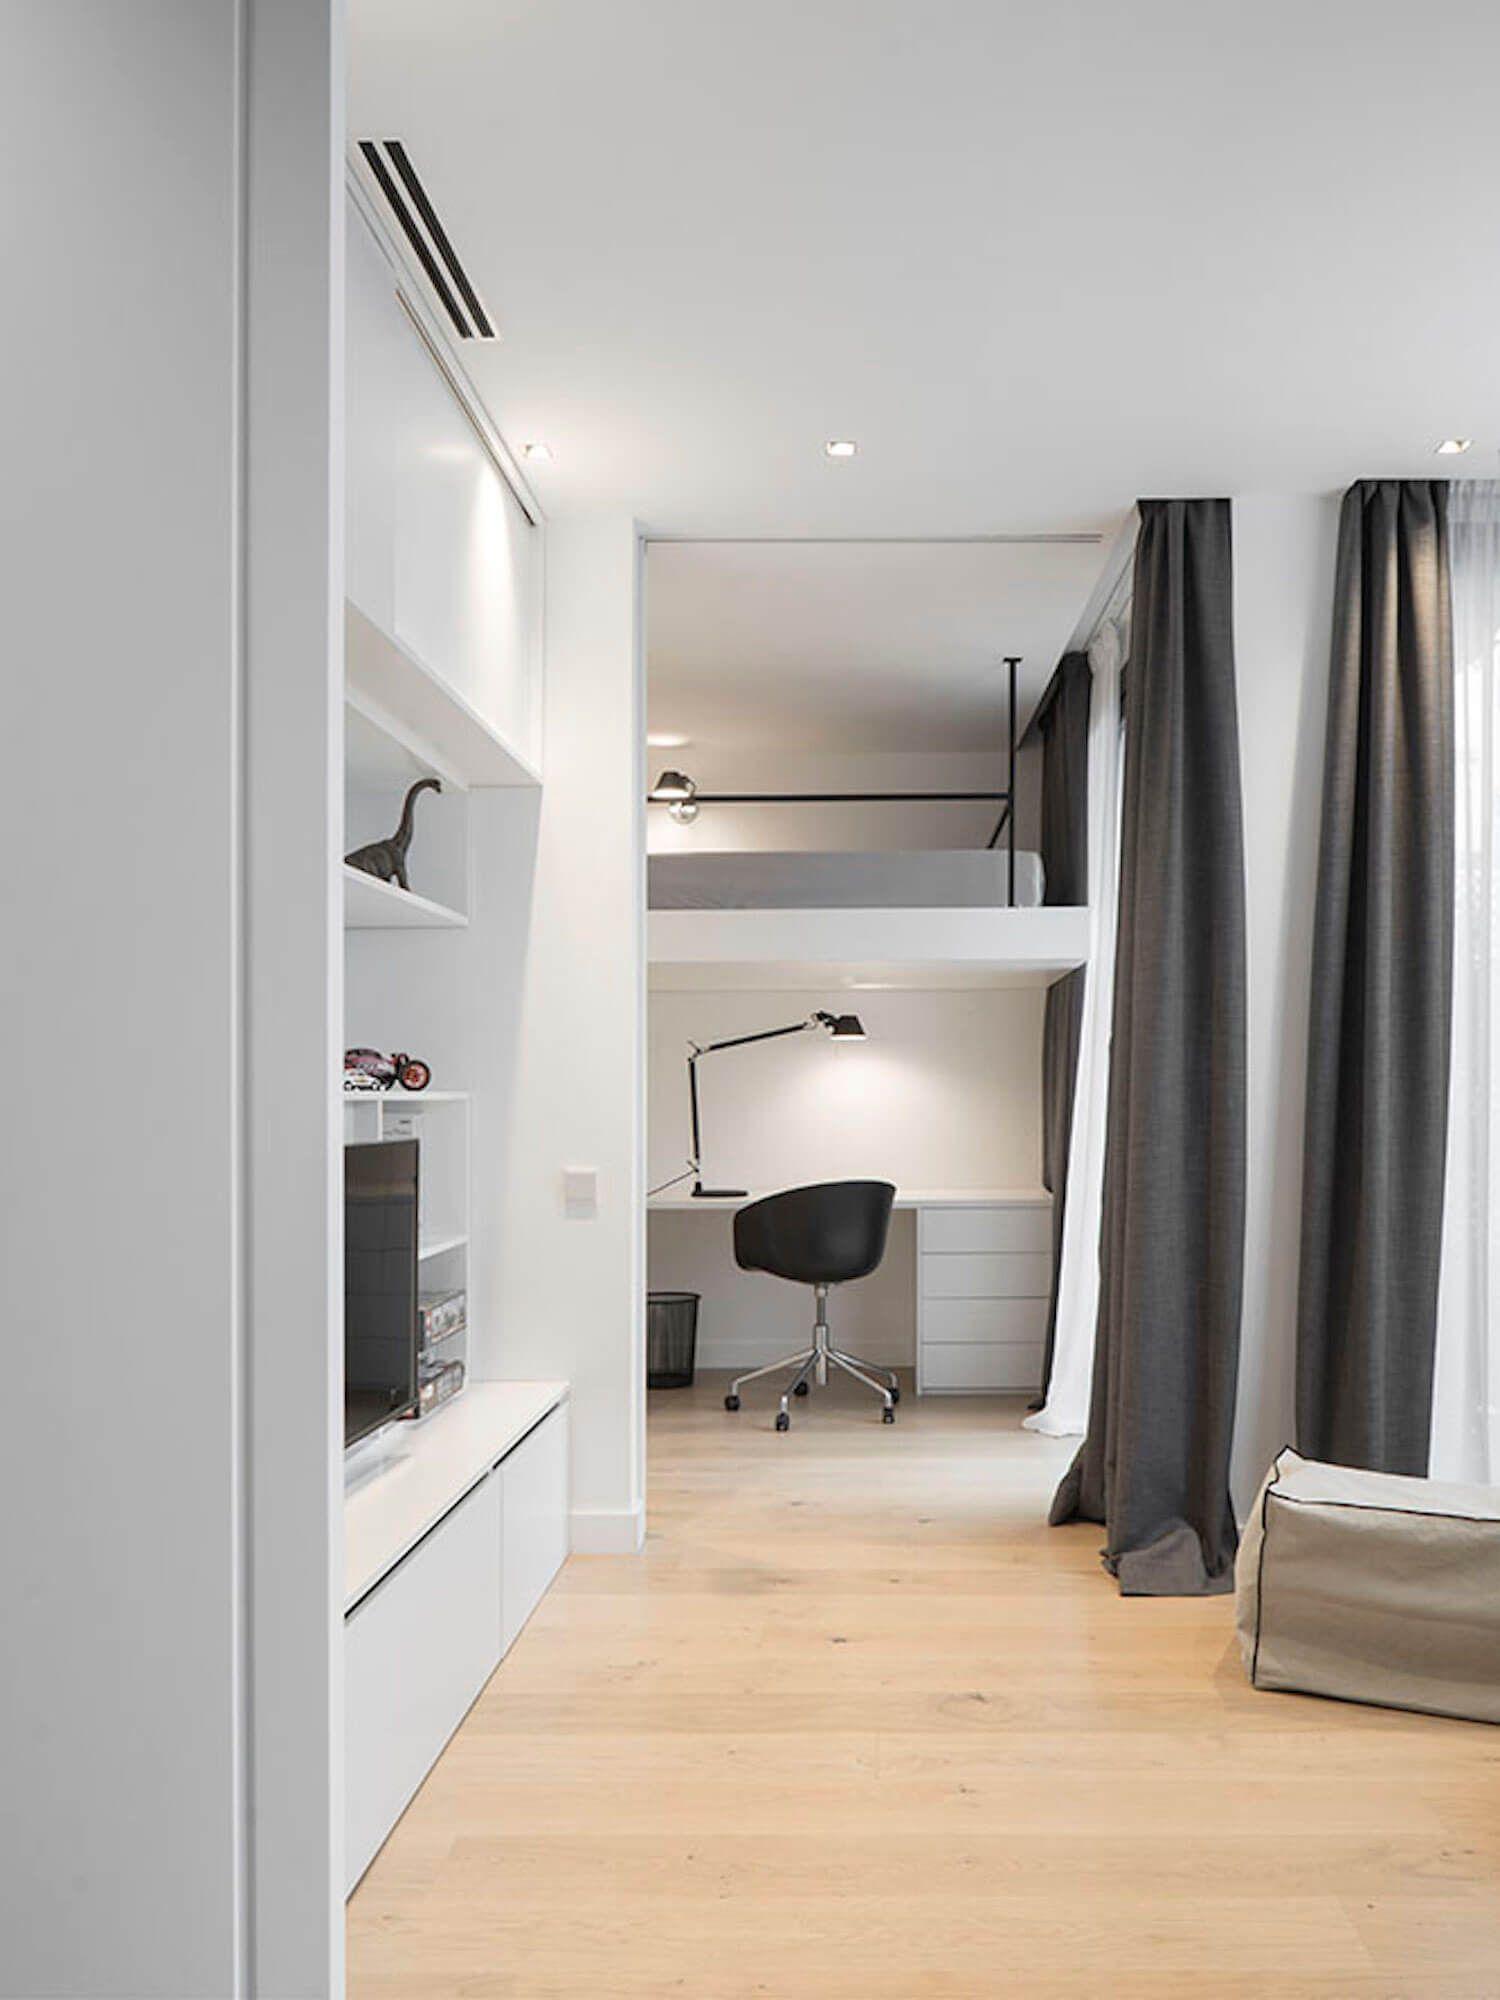 Havens south designs workspace barcelona penthouse by susanna cots est living